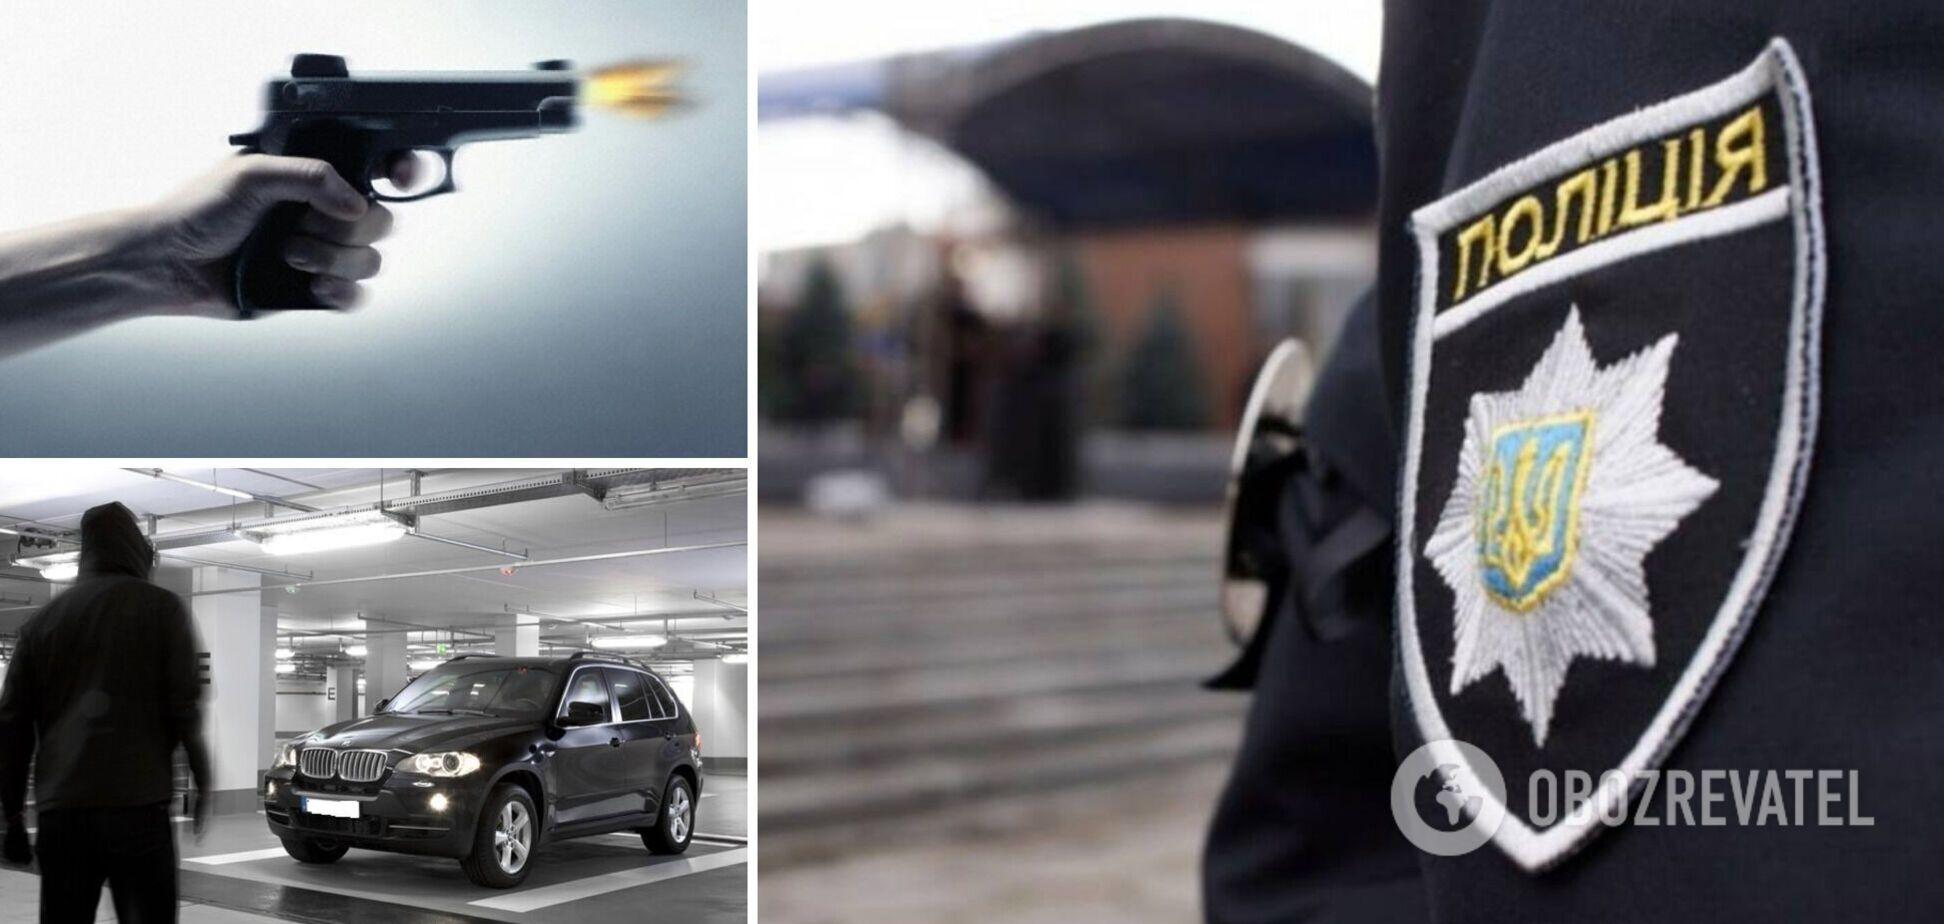 Розстріляв людей і викрав елітне авто: підозрюваного в злочині затримали за гарячими слідами. Фото